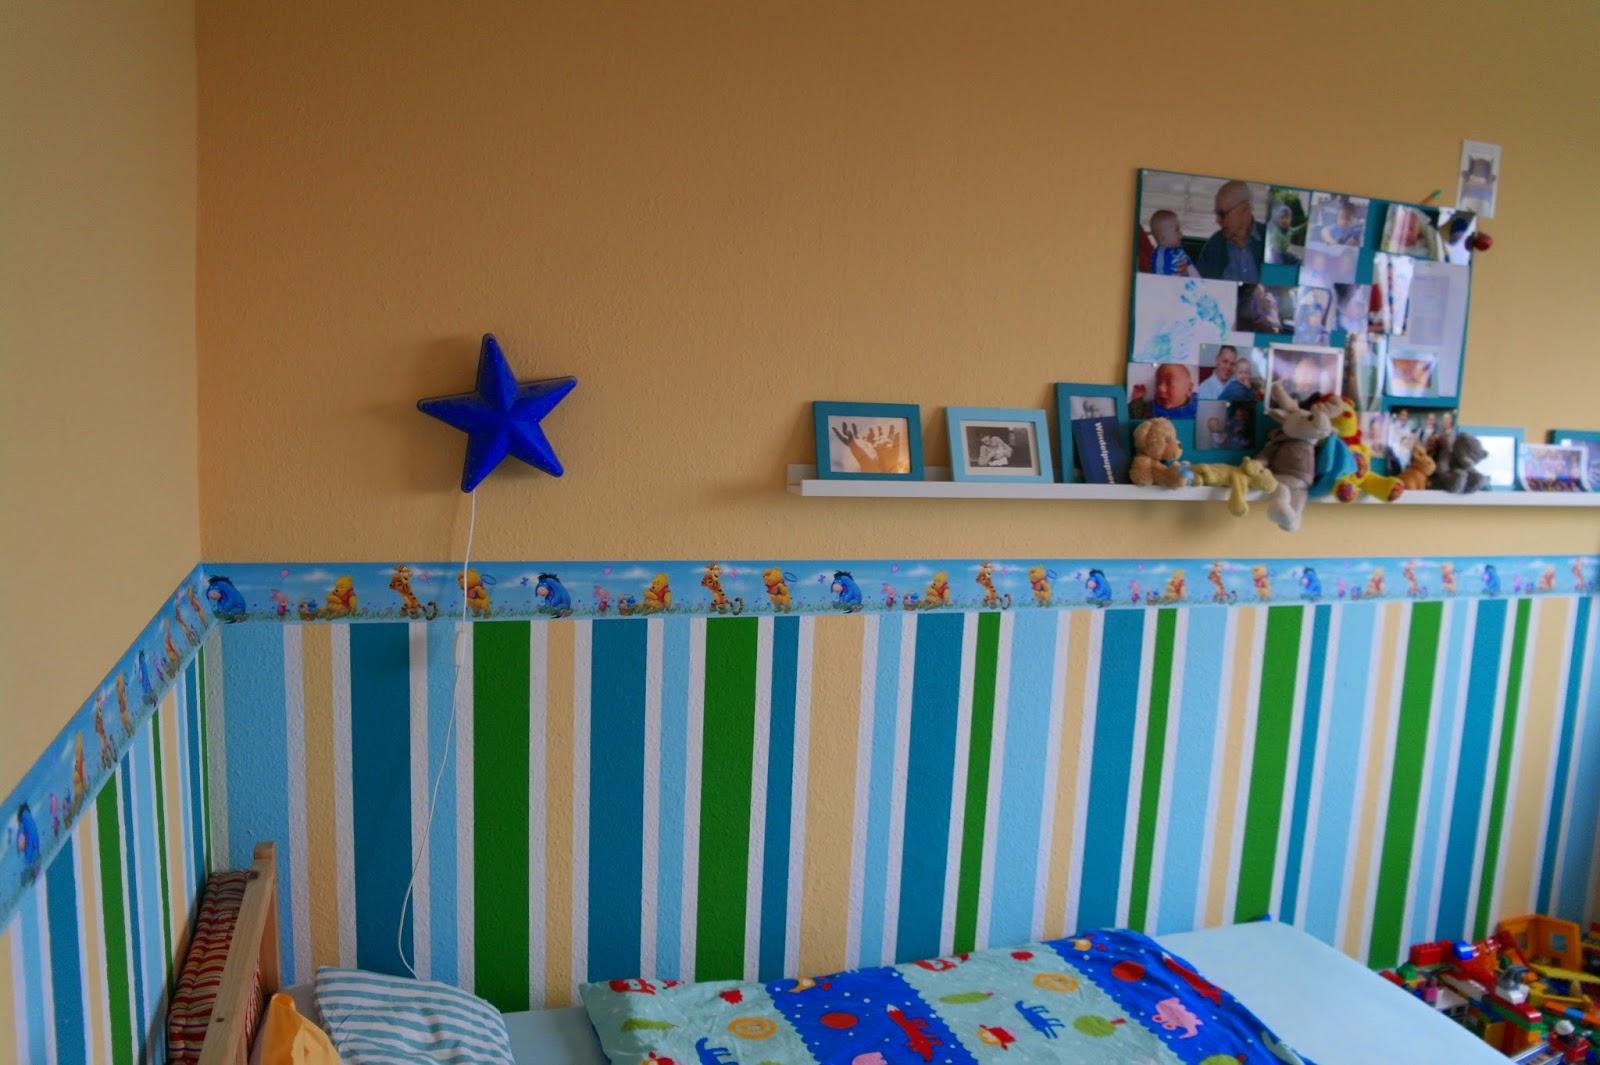 kinderzimmer f r 2 j hrige sylviatownsendwarner. Black Bedroom Furniture Sets. Home Design Ideas